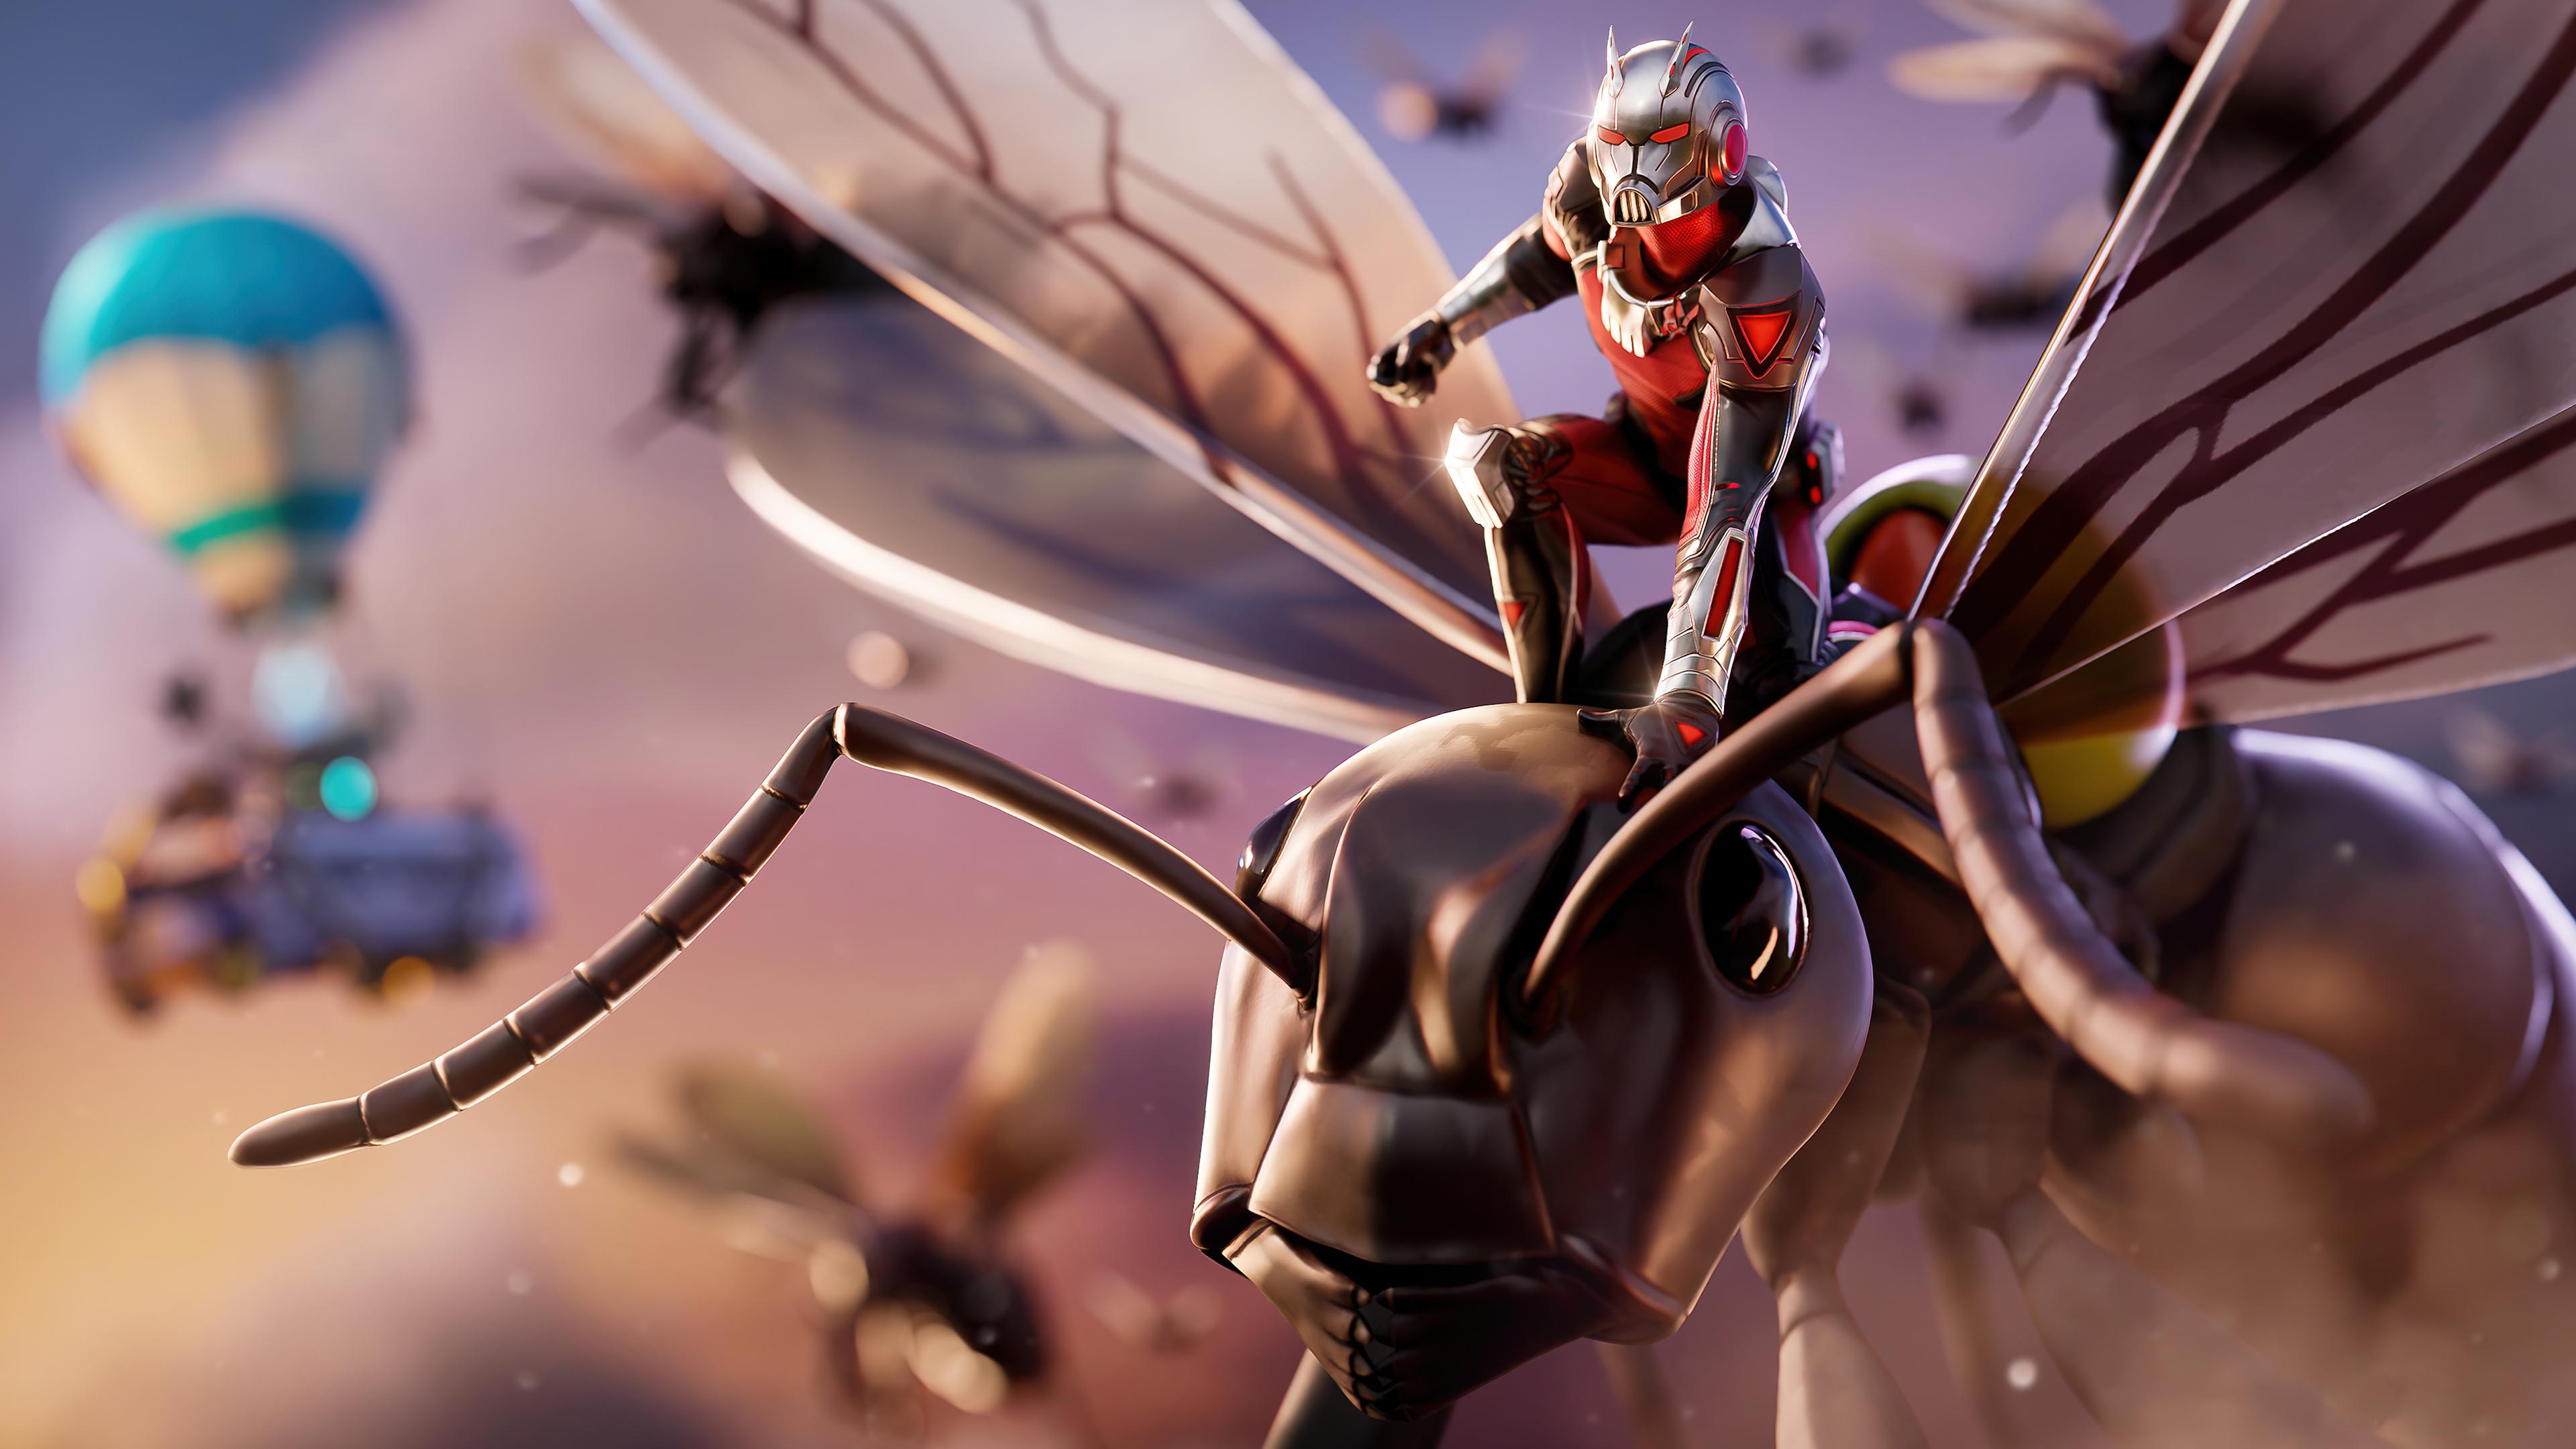 Wallpaper Ant Man Fortnite Style